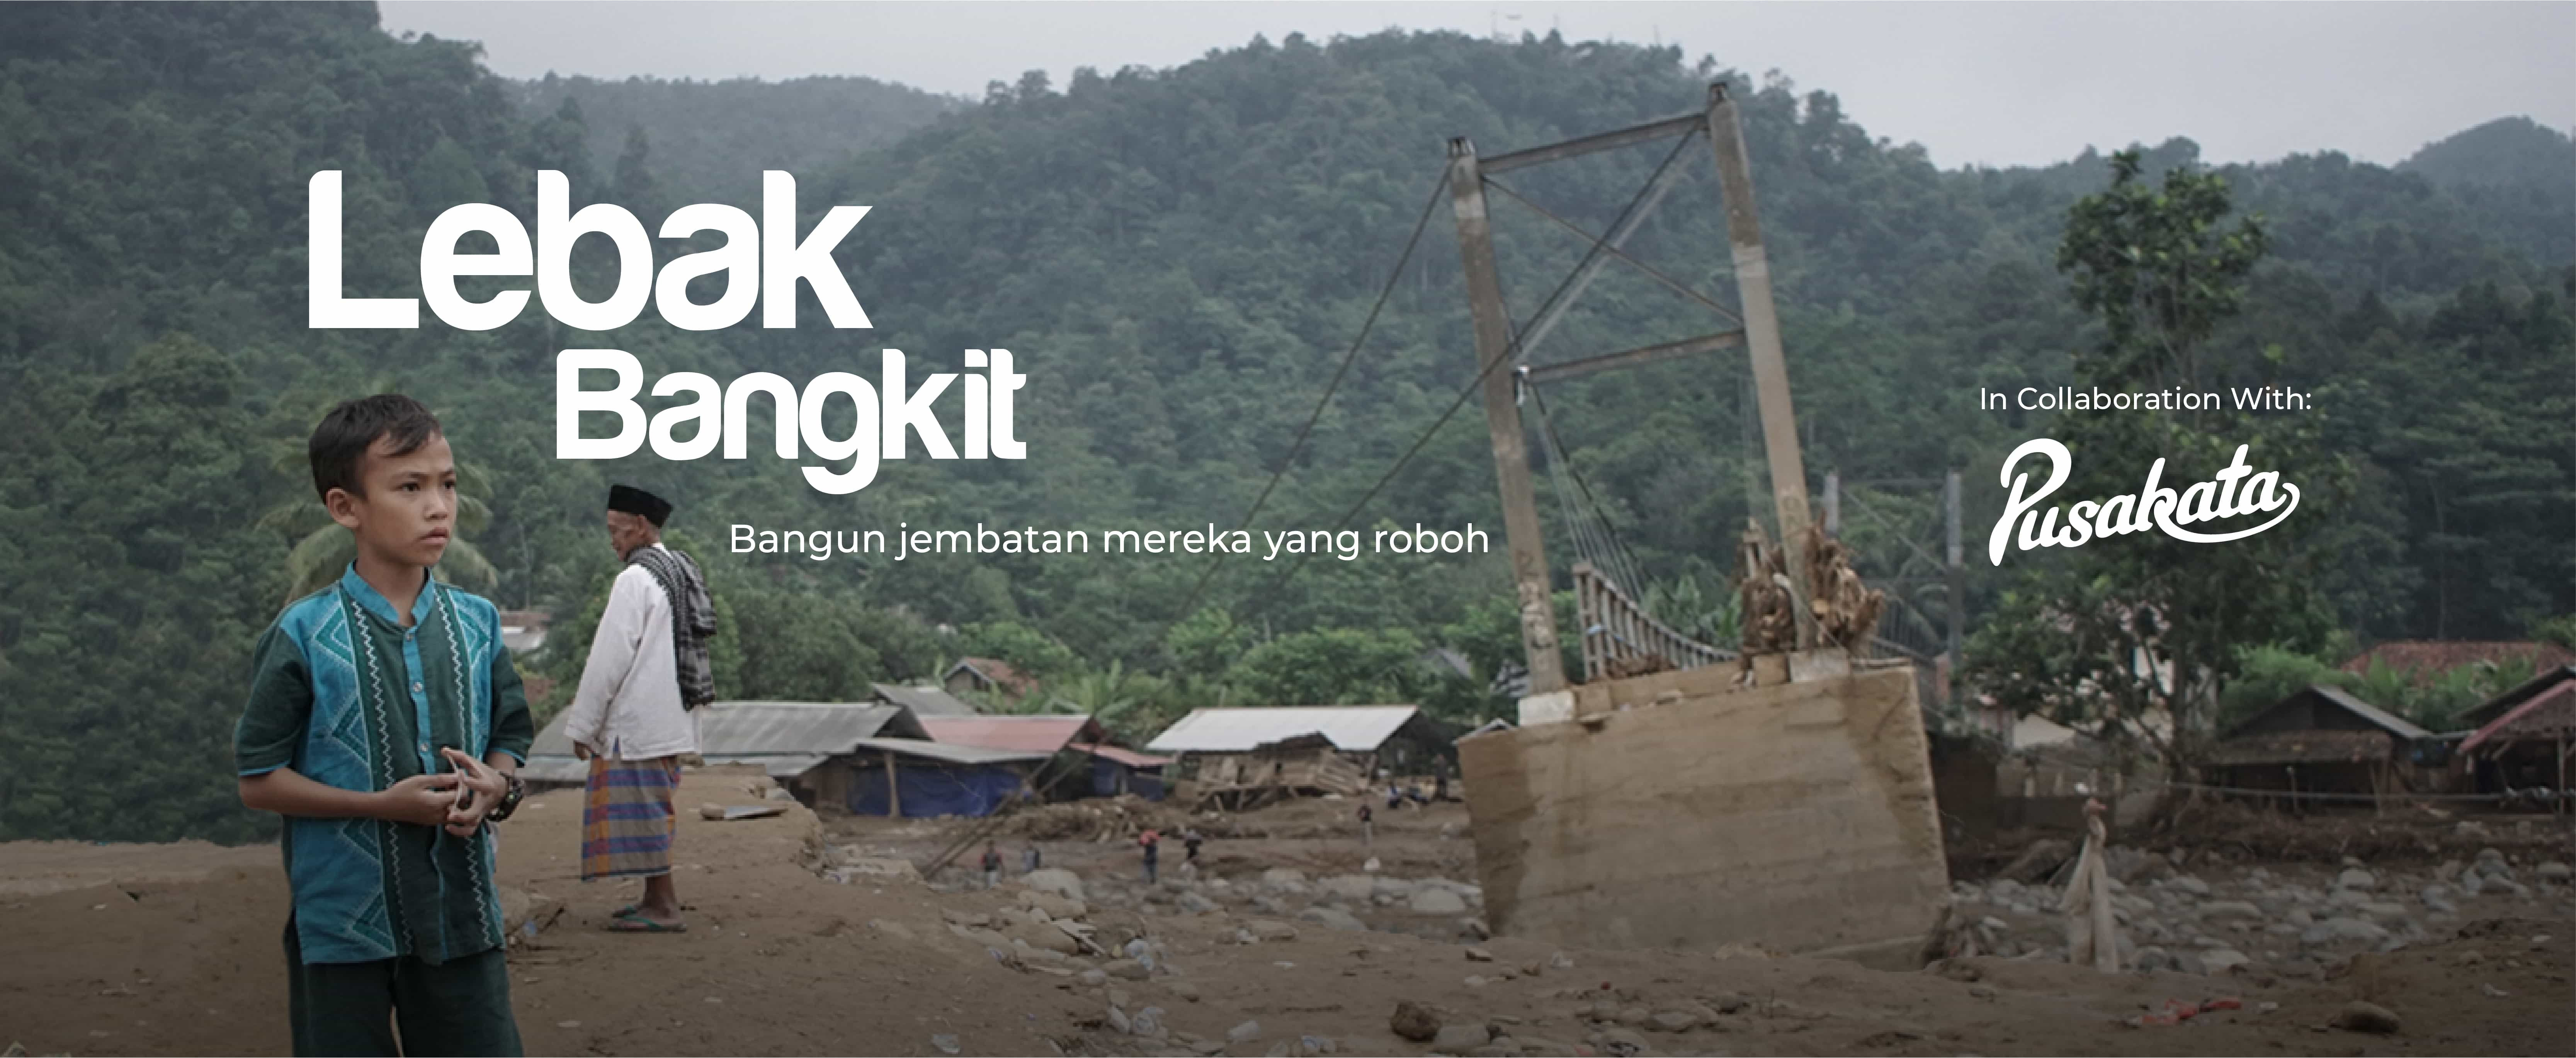 Lebak-Banten